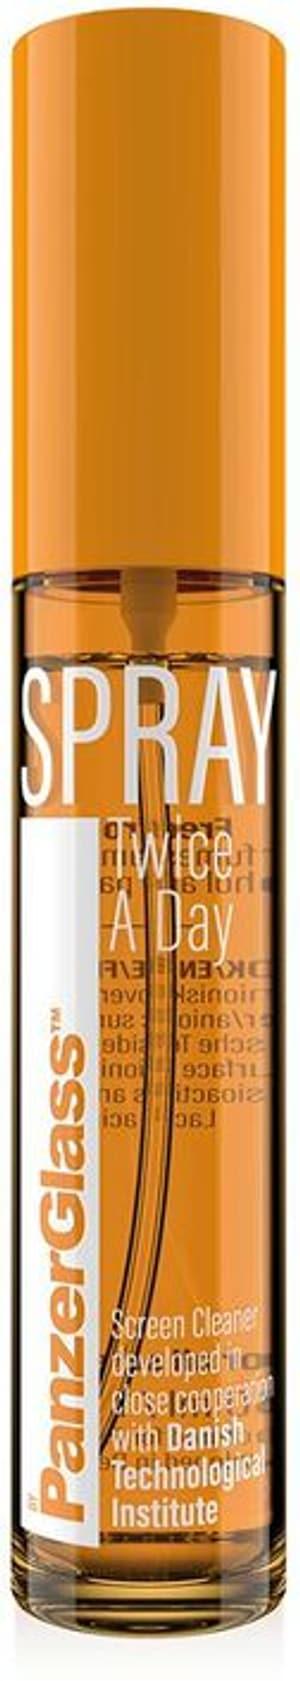 Spray - twice a day 30ml